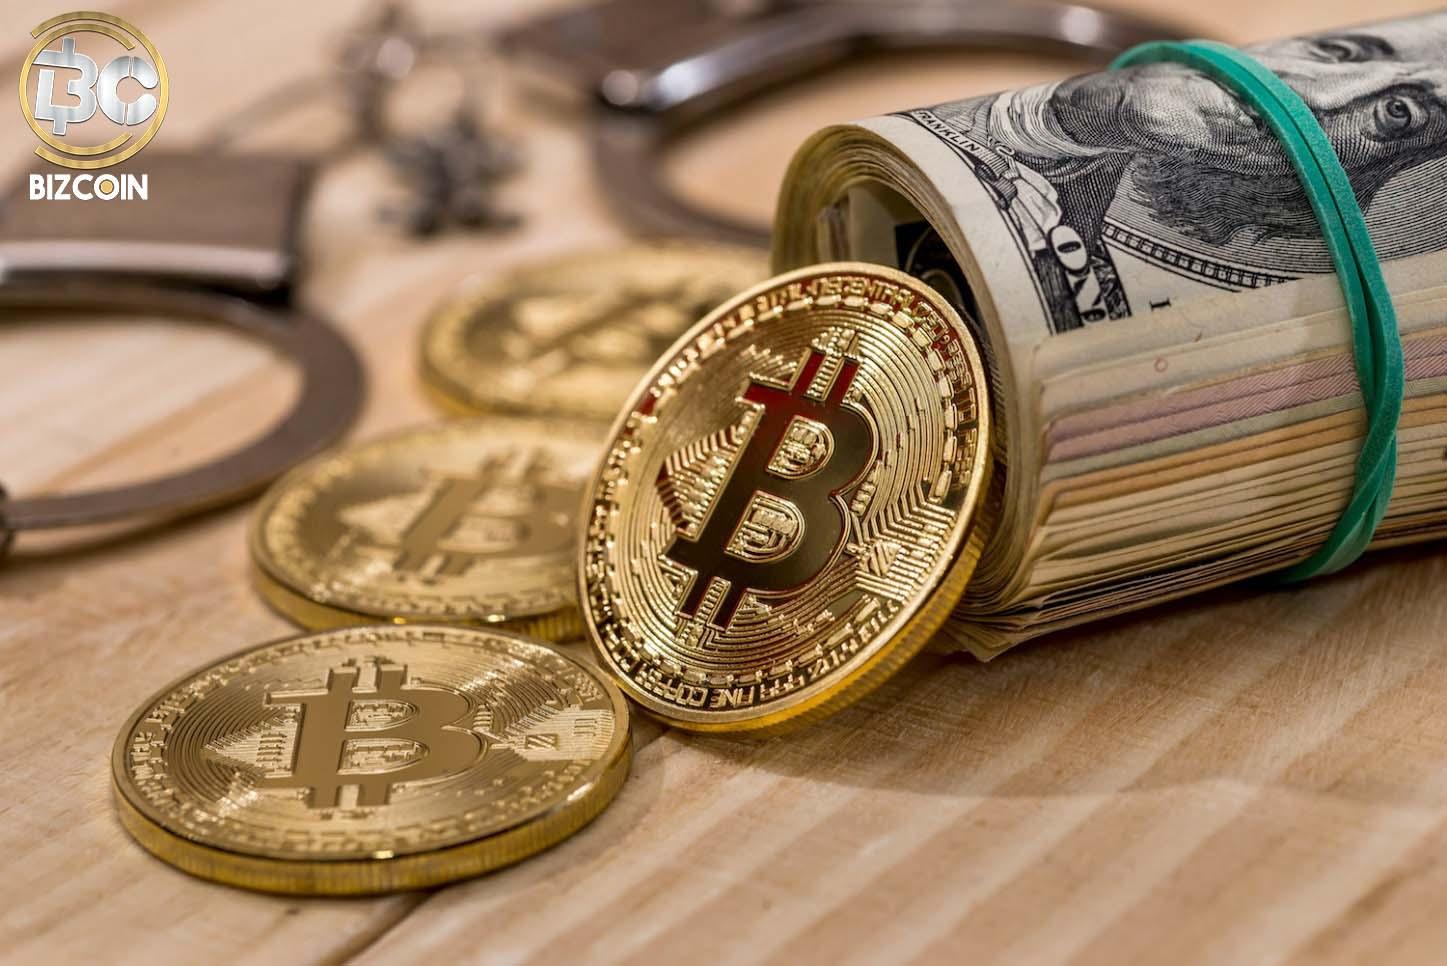 buy bitcoin 3 همه چیز درباره سرمایه گذاری در بیت کوین – آیا خرید بیت کوین ارزش دارد؟